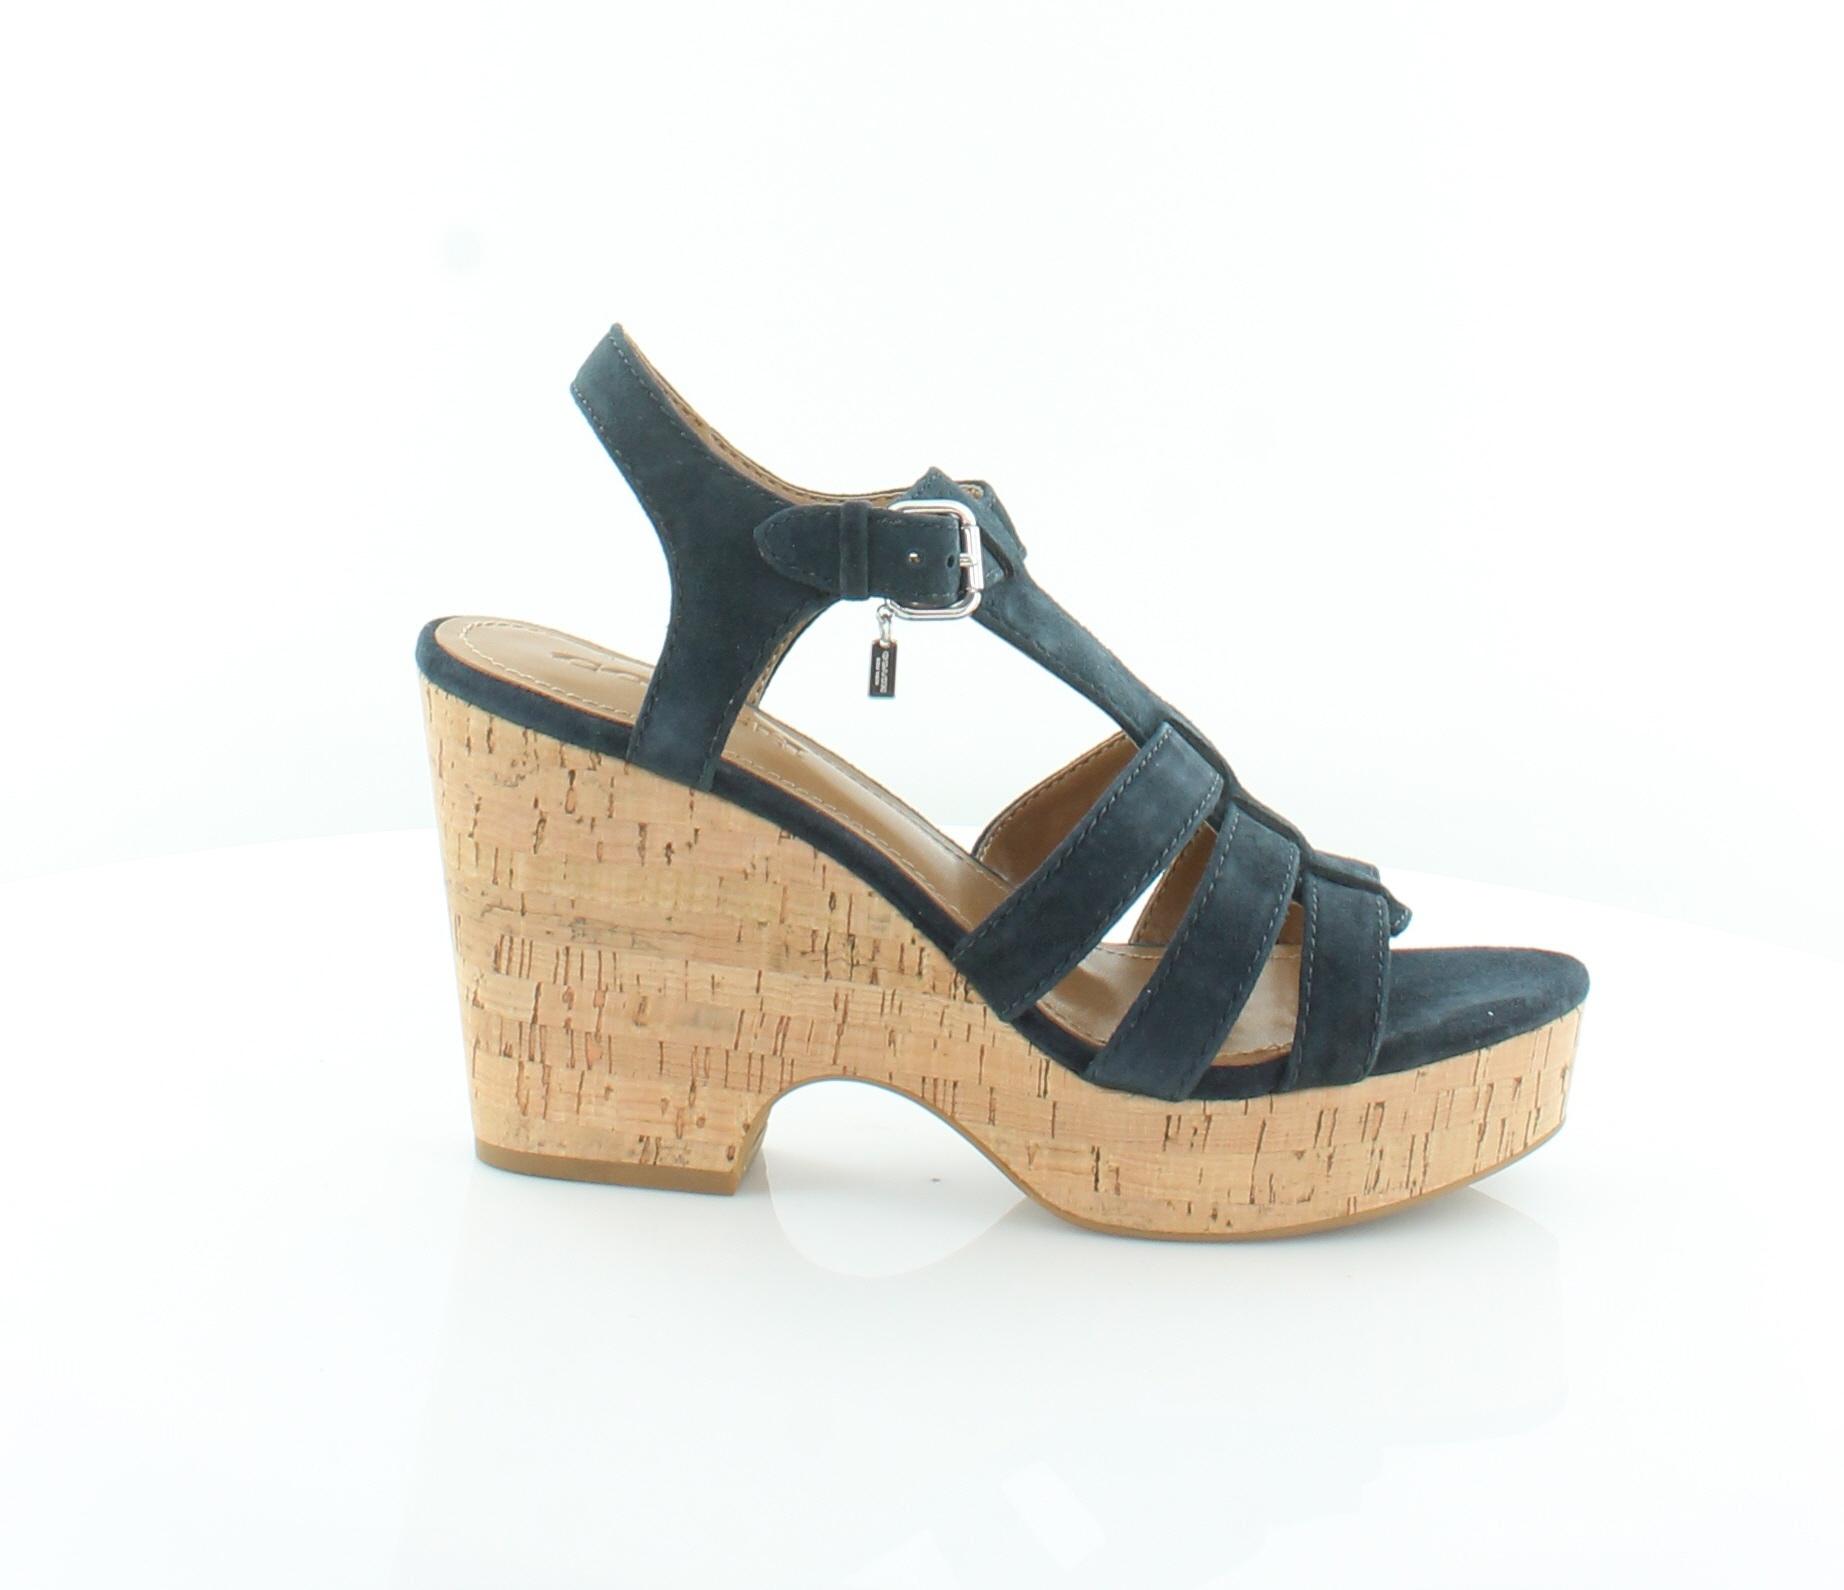 Nuevos Zapatos para mujer azul Kennedy entrenador entrenador entrenador de tamaño 9.5 M Sandalias precio minorista sugerido por el fabricante  145  Las ventas en línea ahorran un 70%.